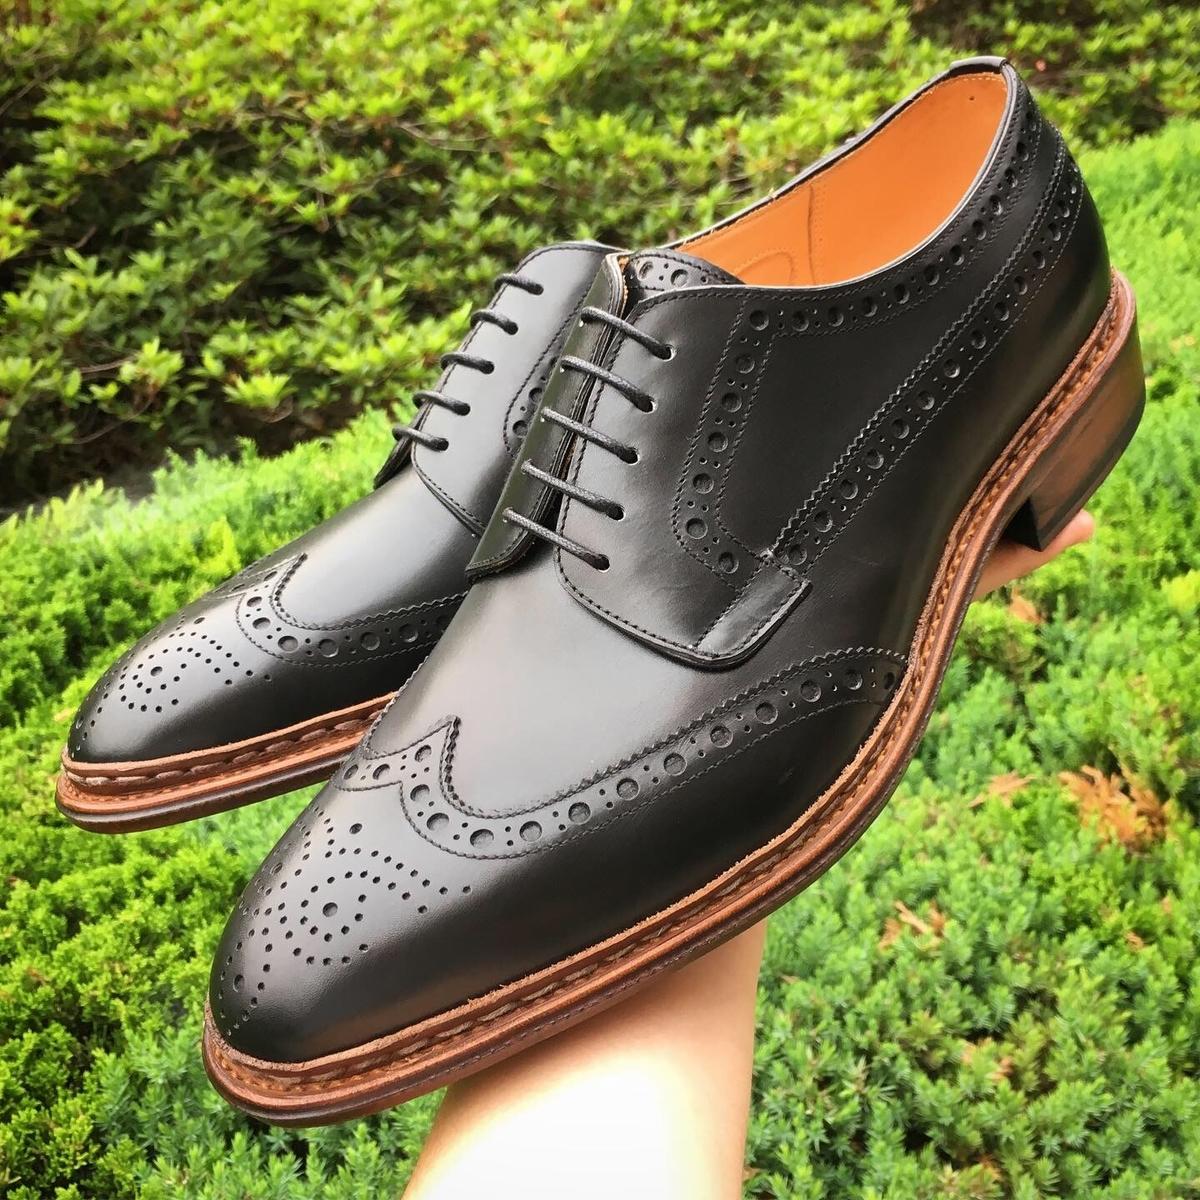 f:id:raymar-shoes:20190705003511j:plain